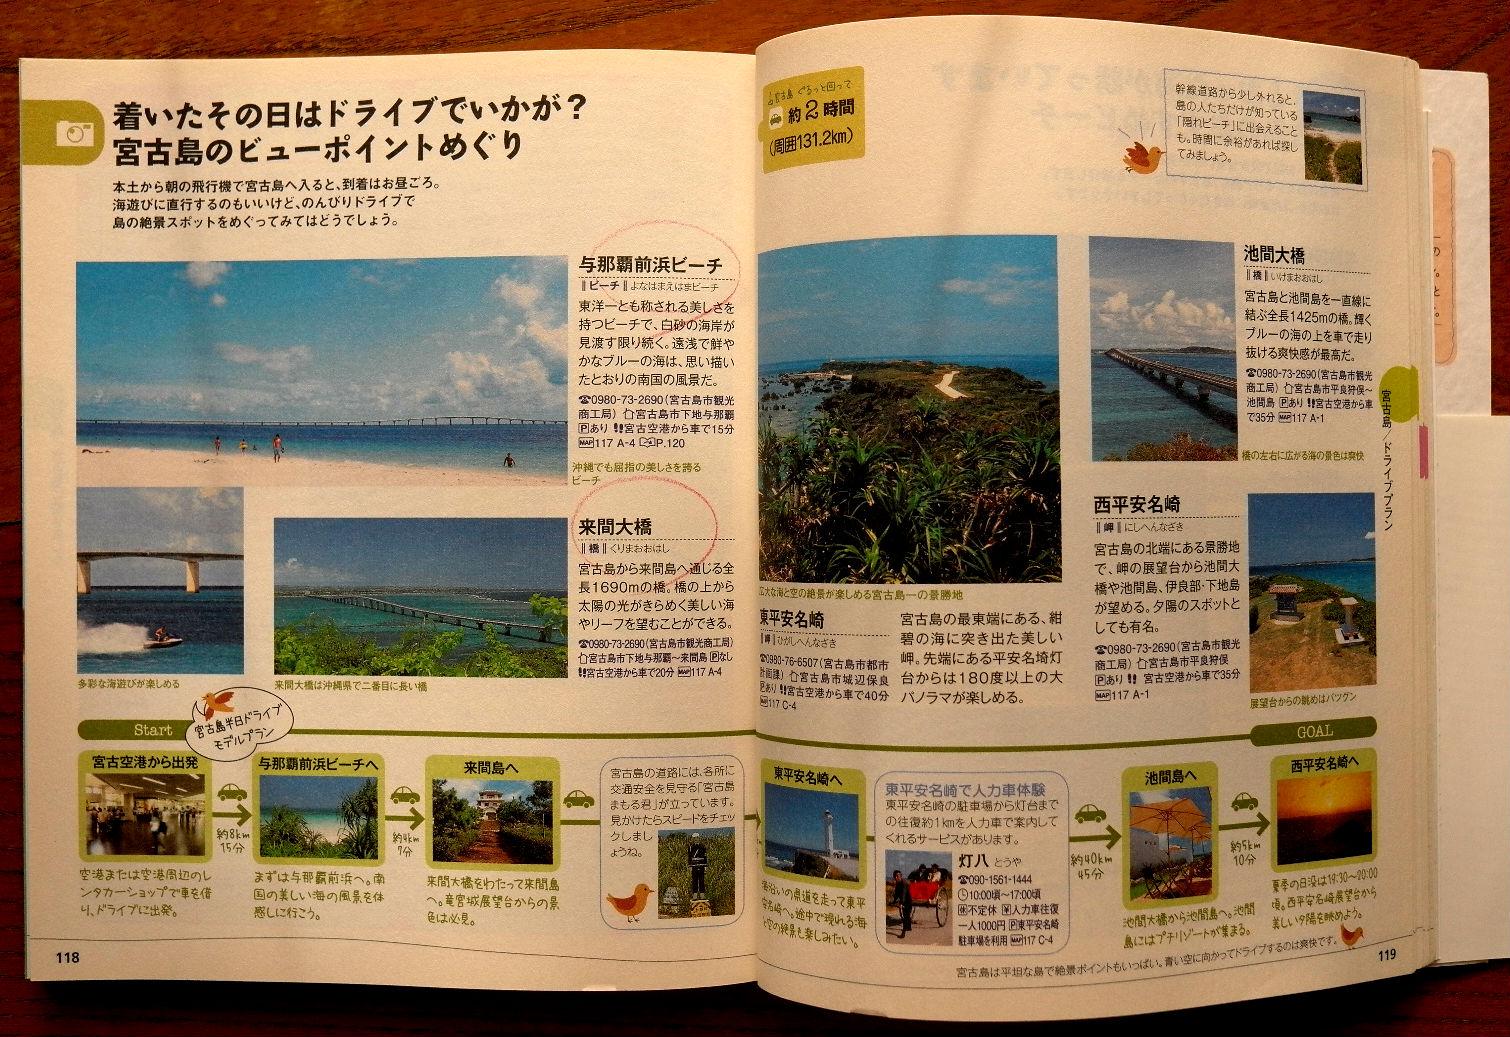 『ことりっぷ』宮古島ビューポイントページ